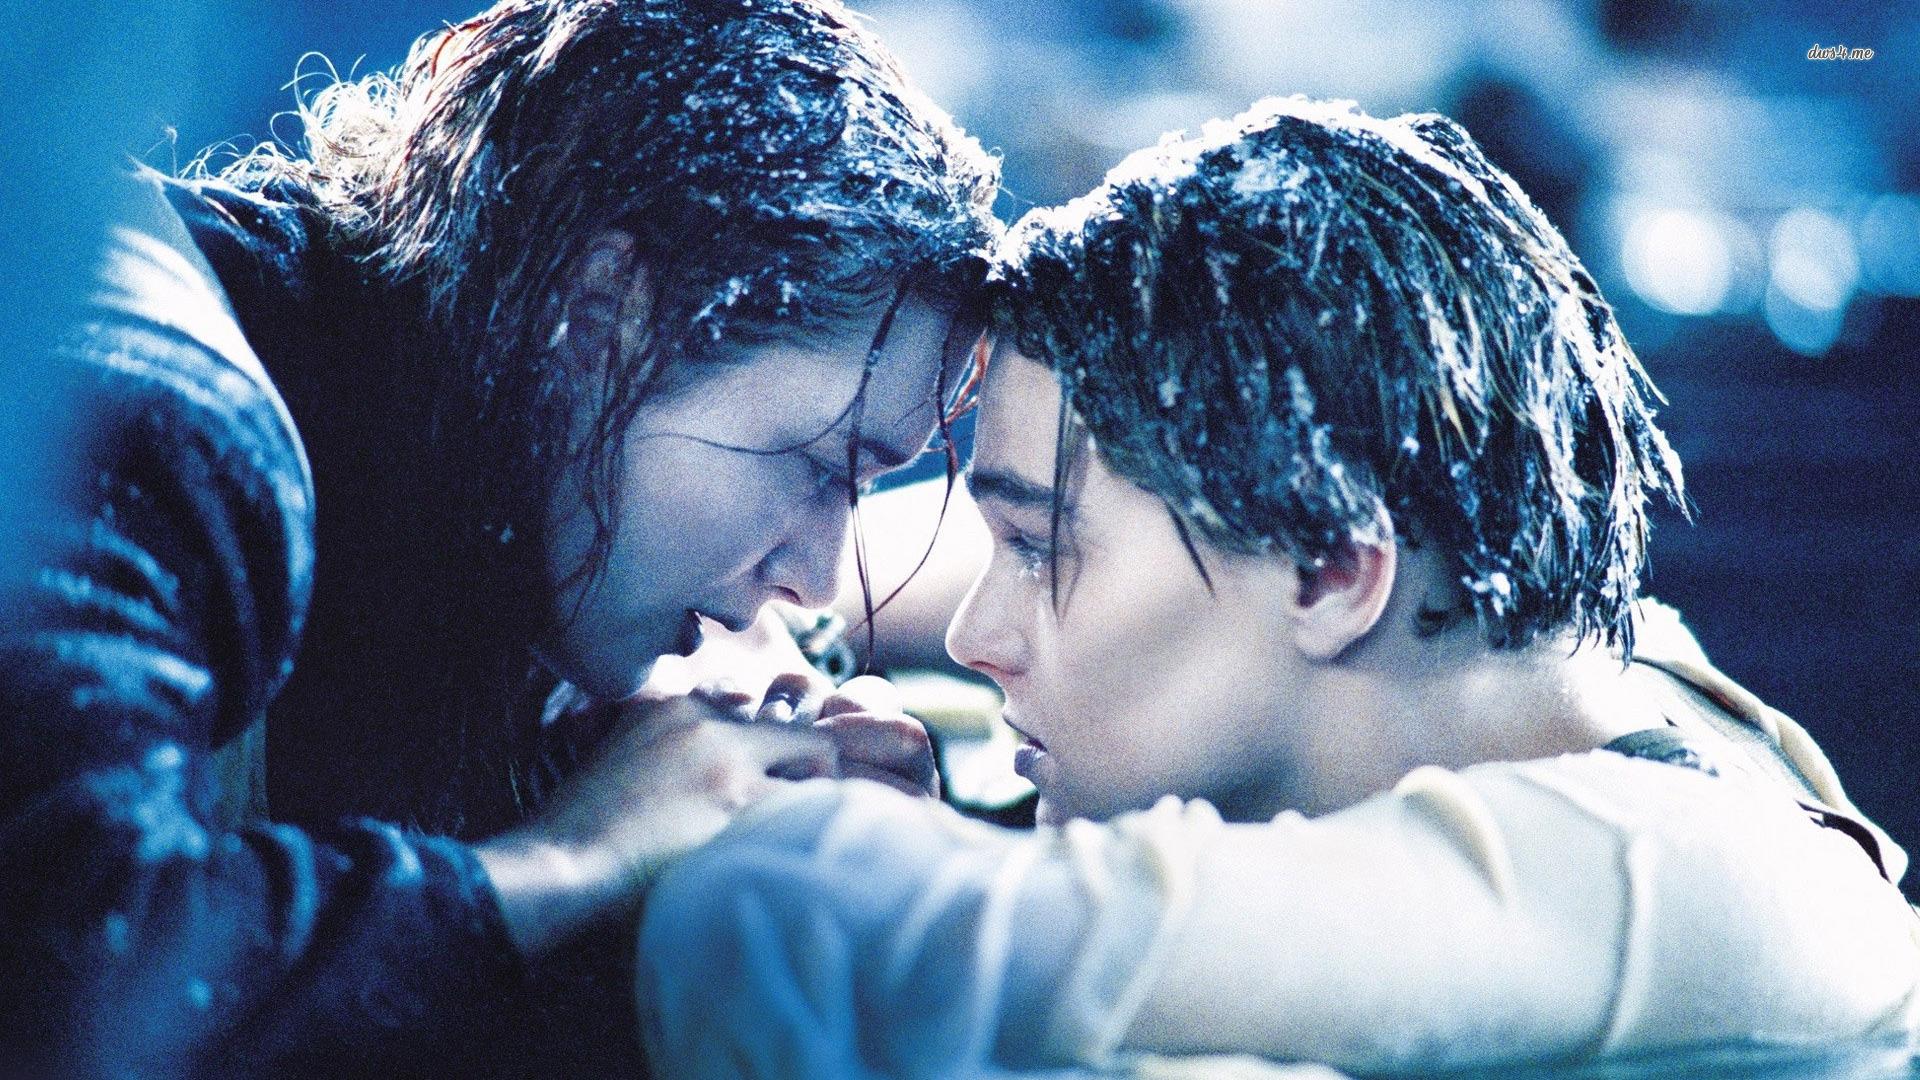 Titanic Pictures of titanic movie